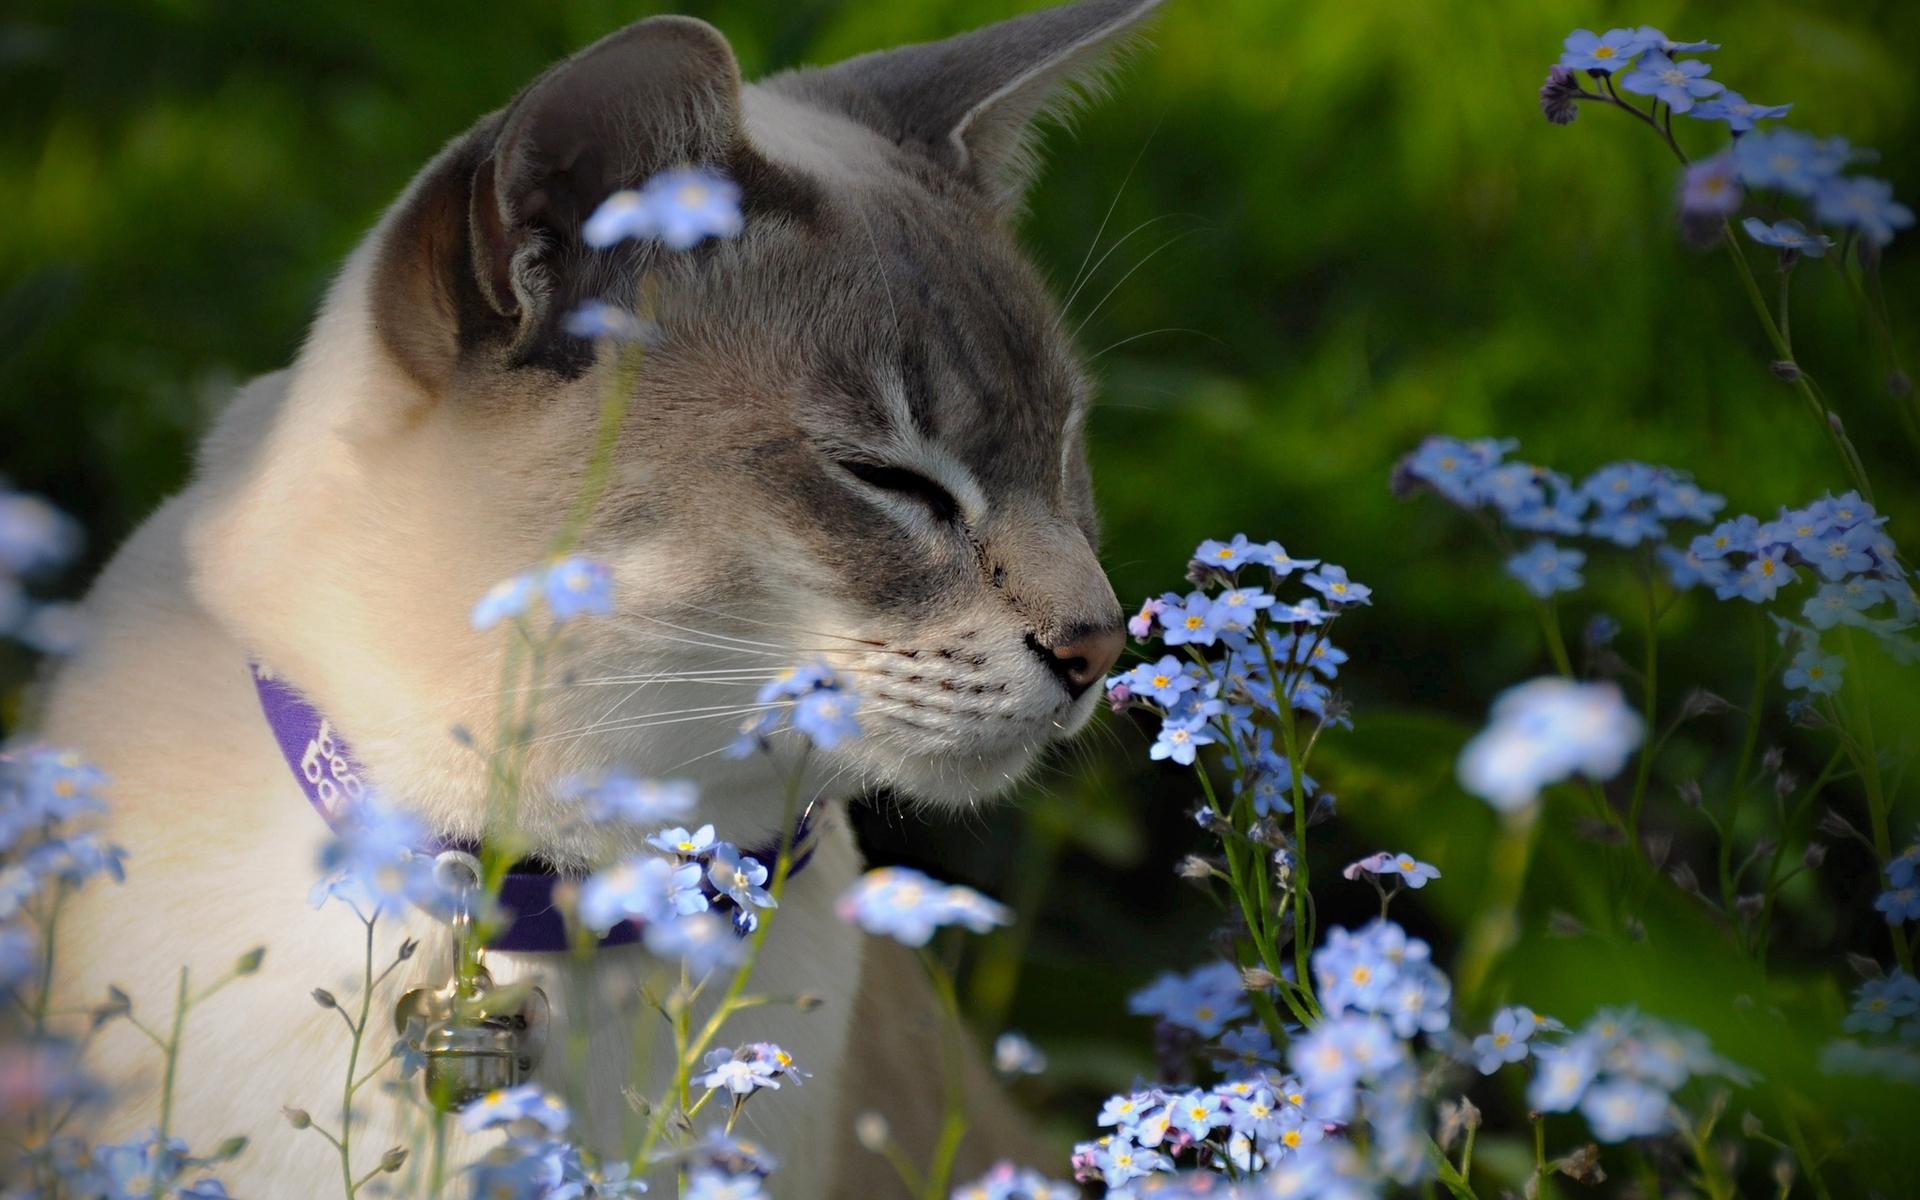 Картинка: Кошка, цветы, поле, нюхает, ошейник